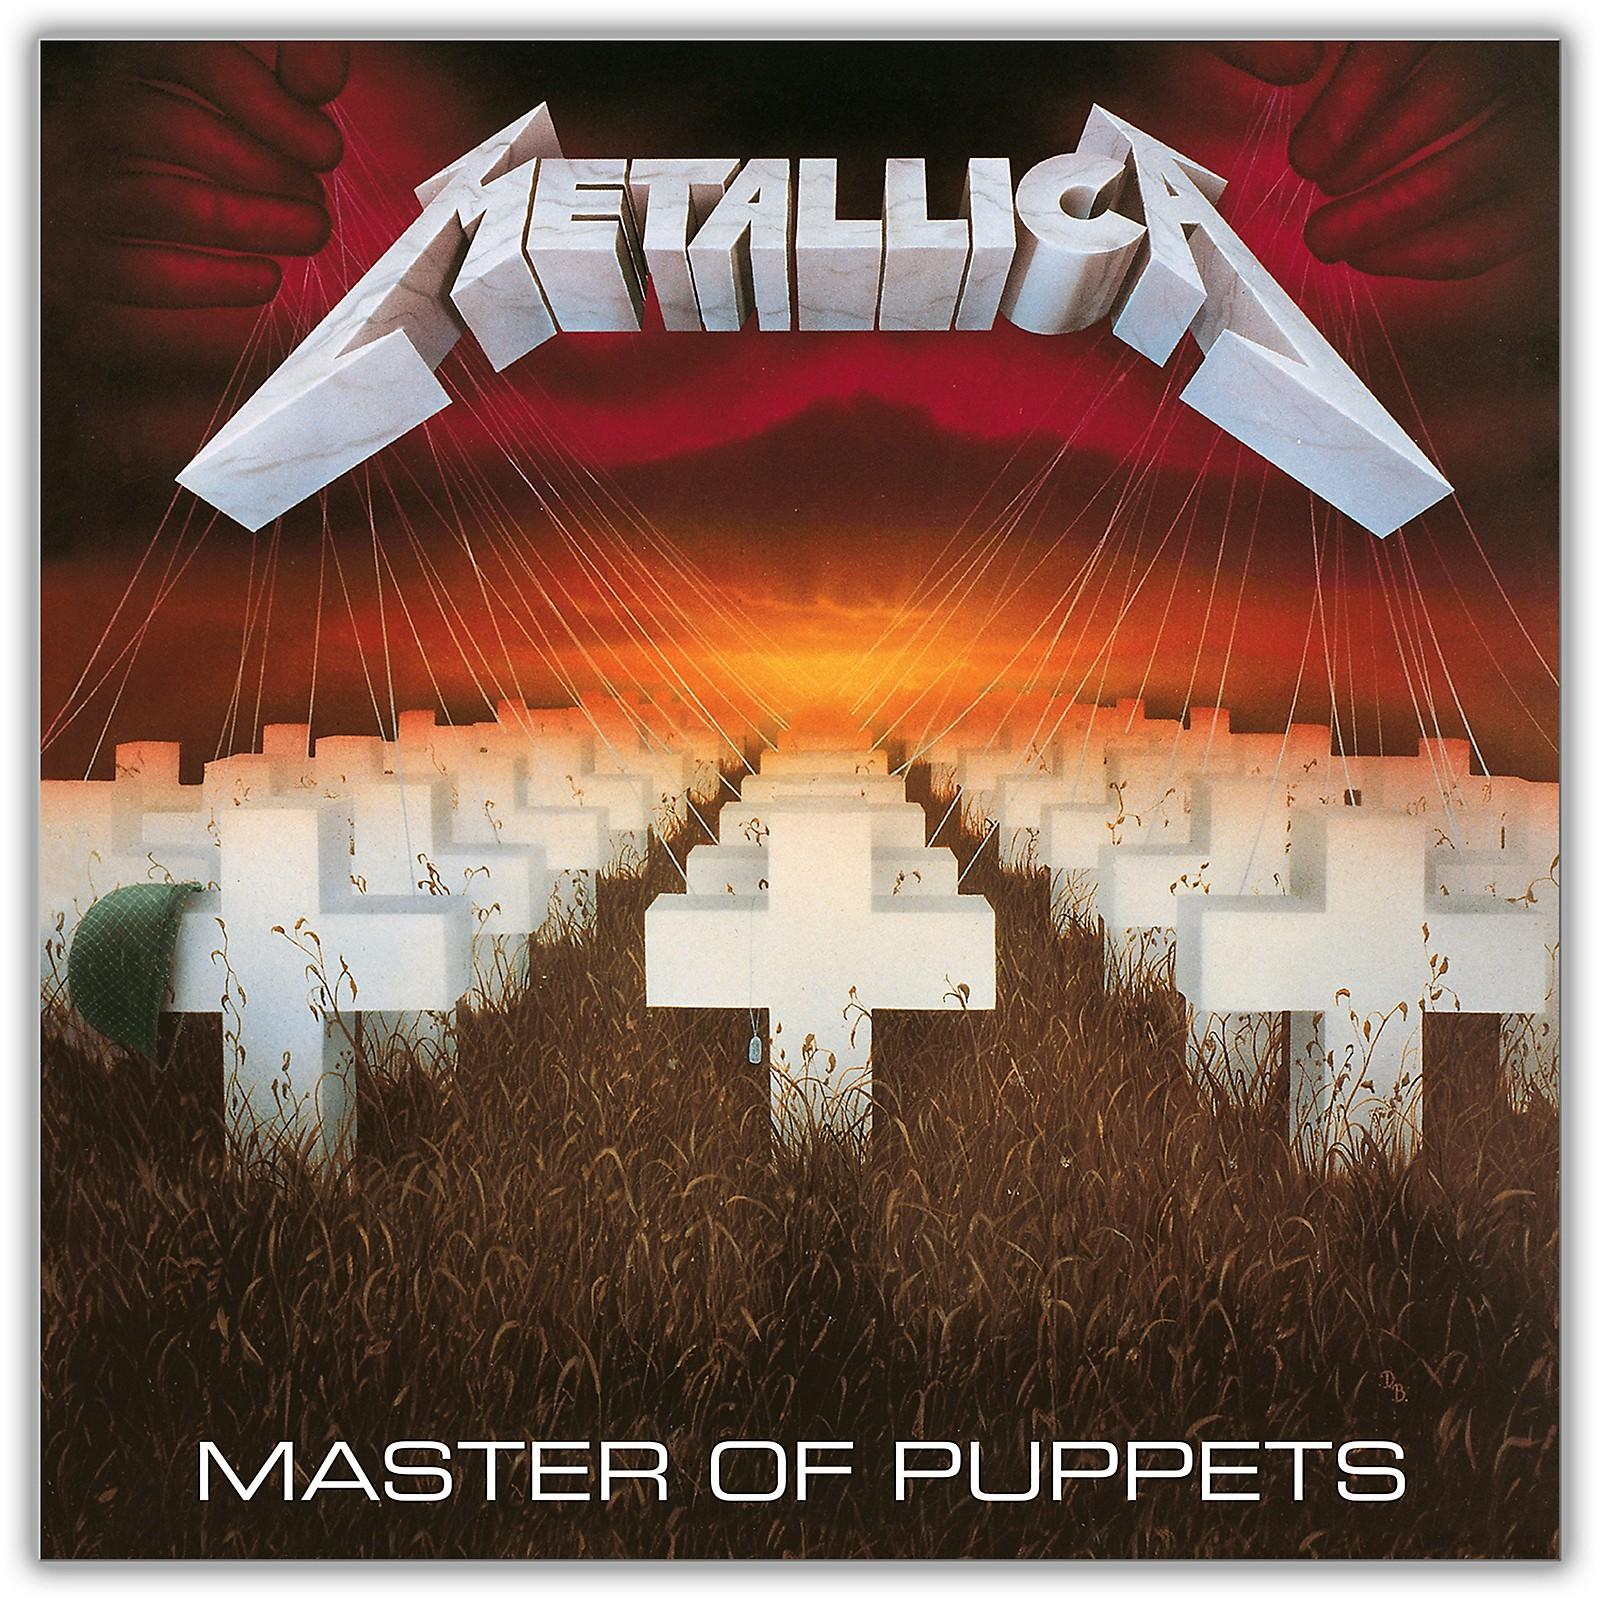 WEA Metallica - Master of Puppets (Remastered) Vinyl LP